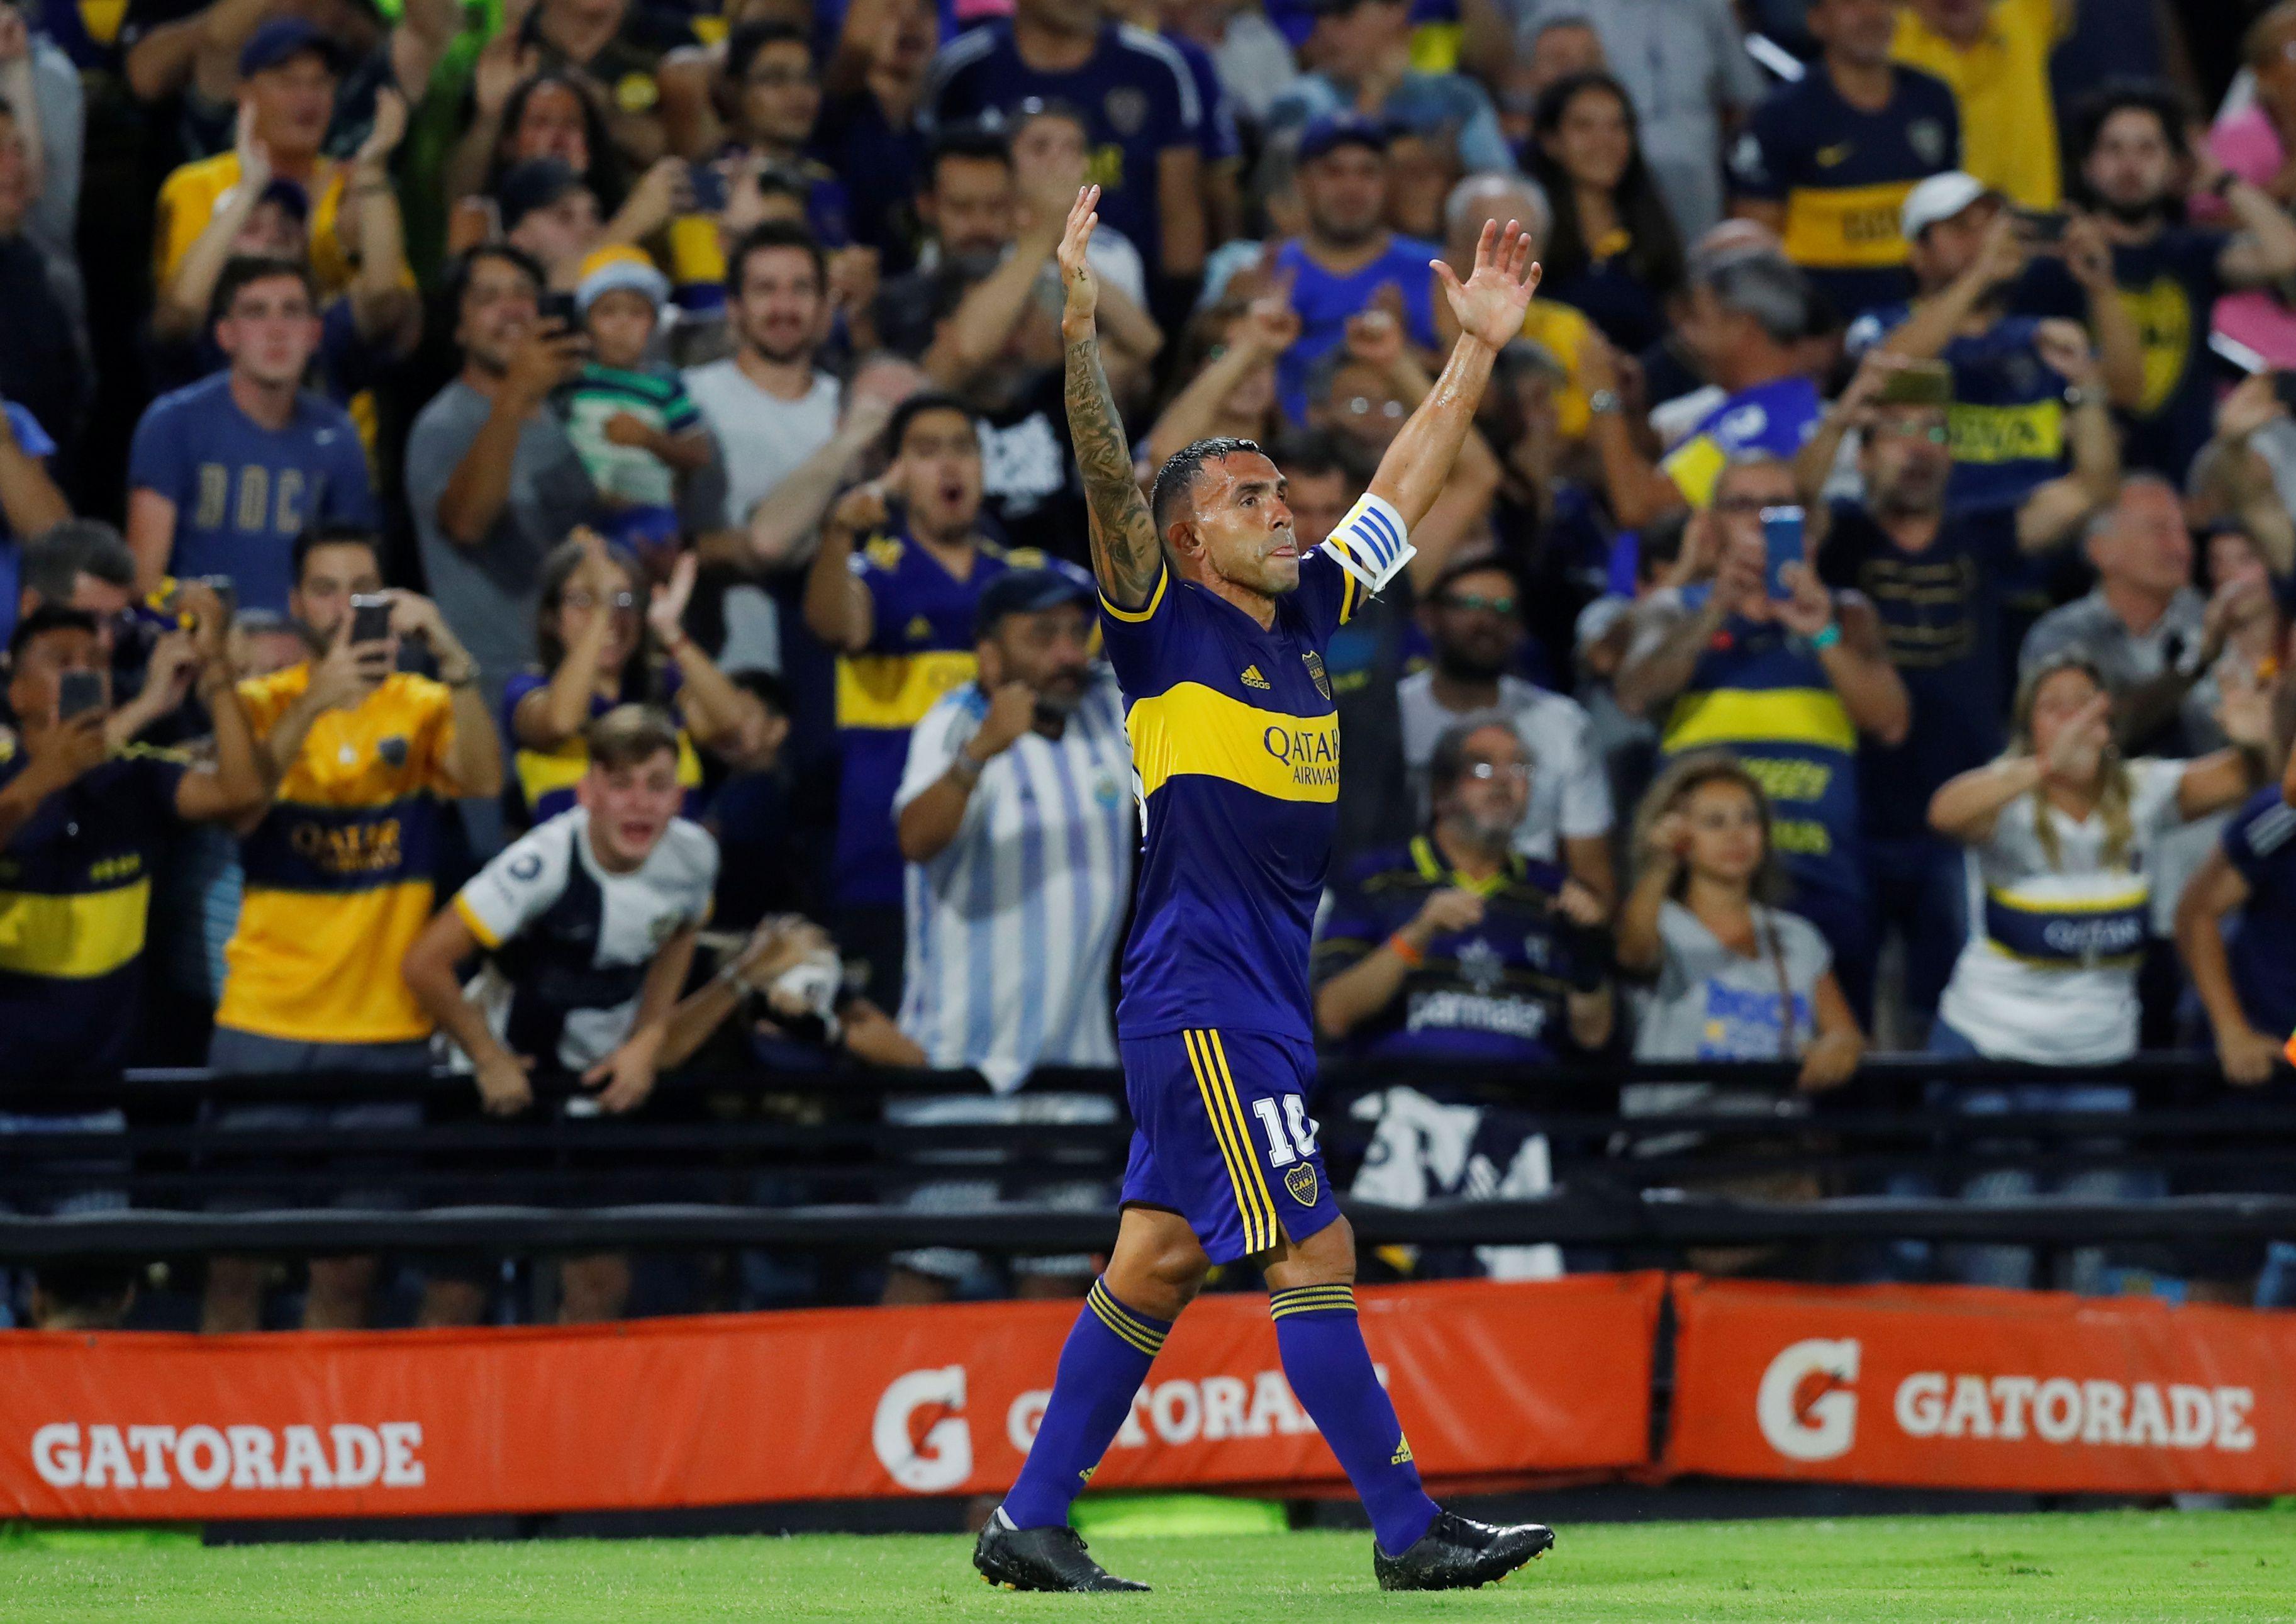 La última imagen que se lleva Carlitos: gol ante Gimnasia y Boca campeón en la Bombonera ante su gente (REUTERS/Agustin Marcarian)